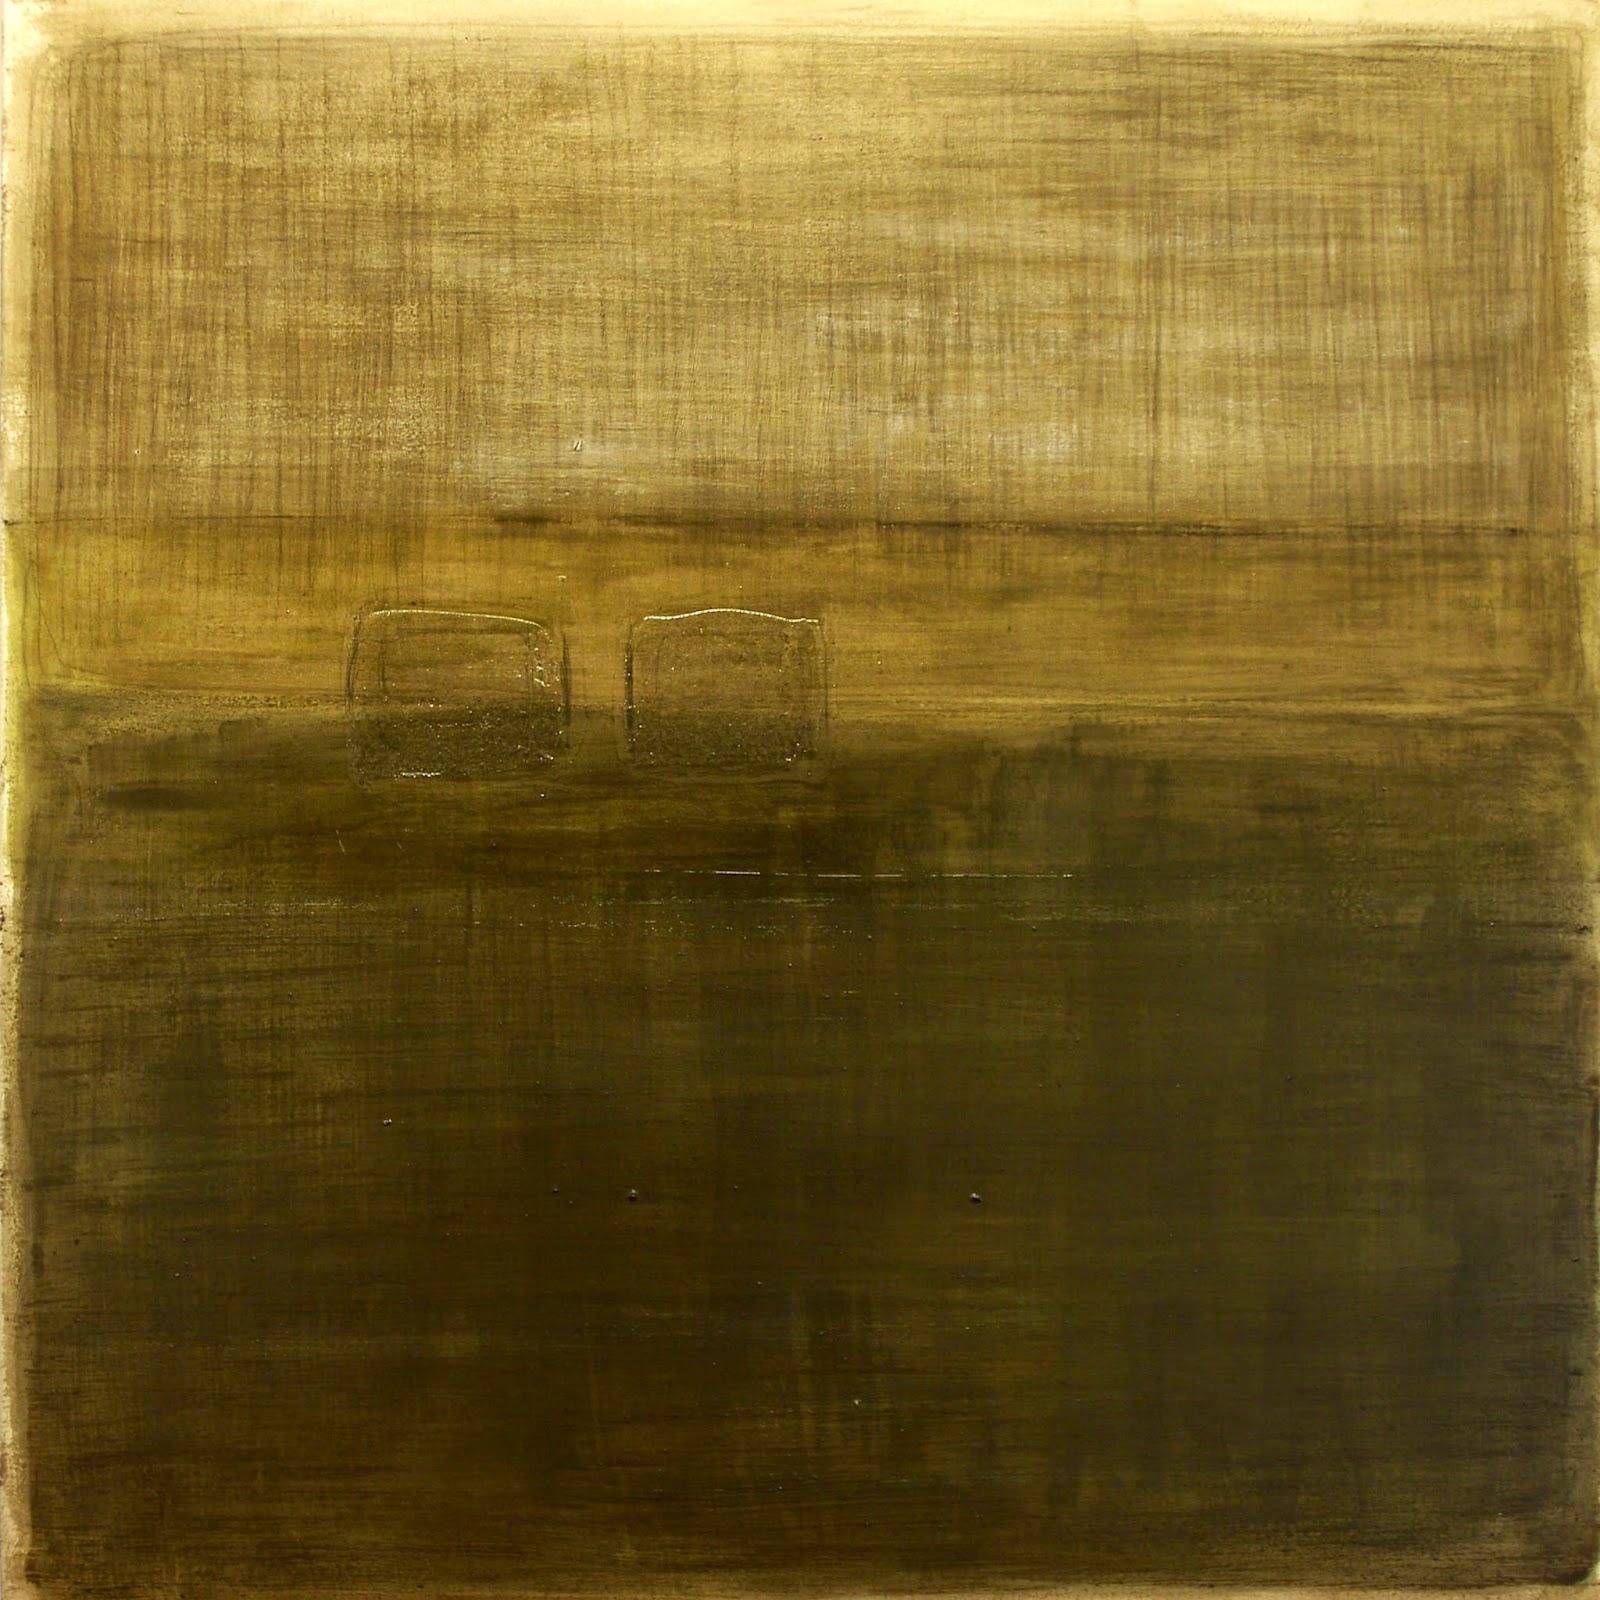 Pinturas abstractas de vanina martinez tecnicas mixtas for Imagenes de cuadros abstractos rusticos